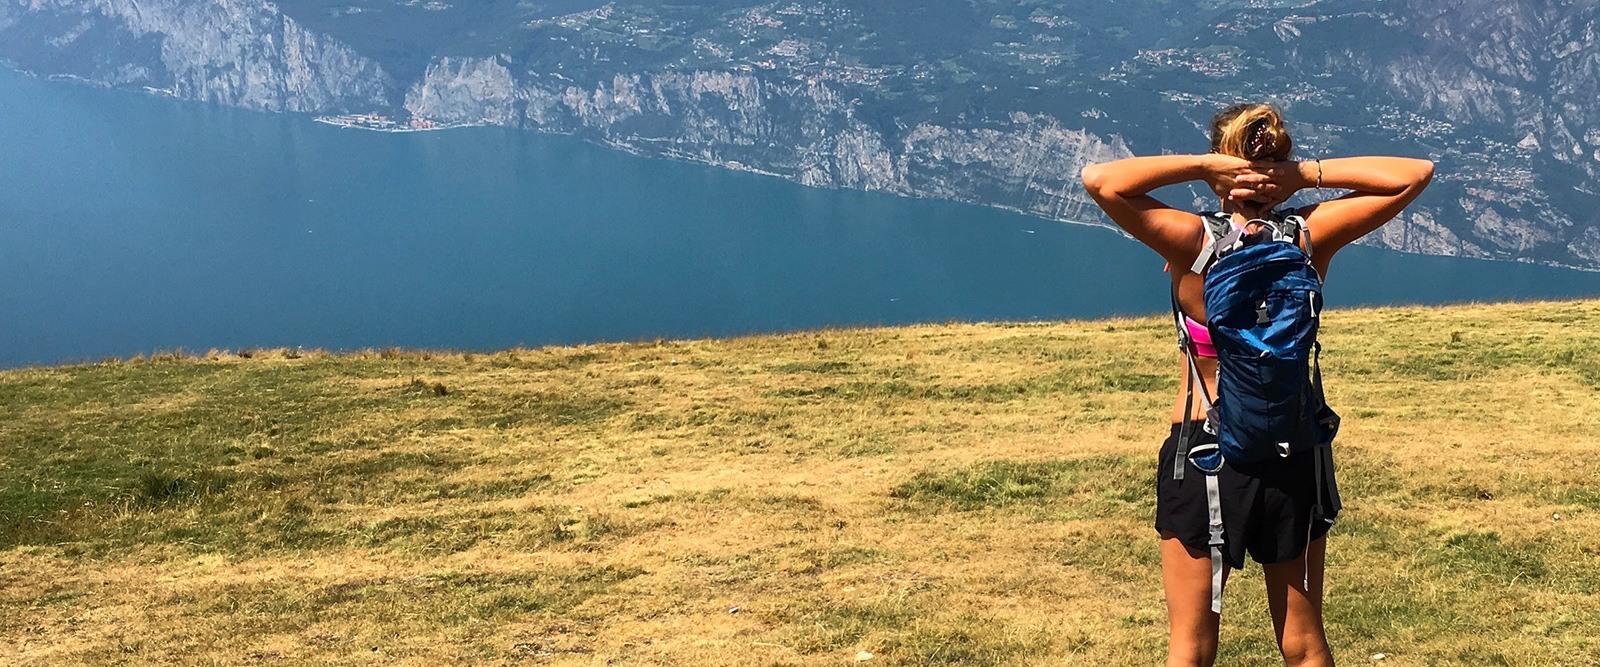 Monte Altissimo - panorama - Lago di Garda - Vallagarina - Trentino